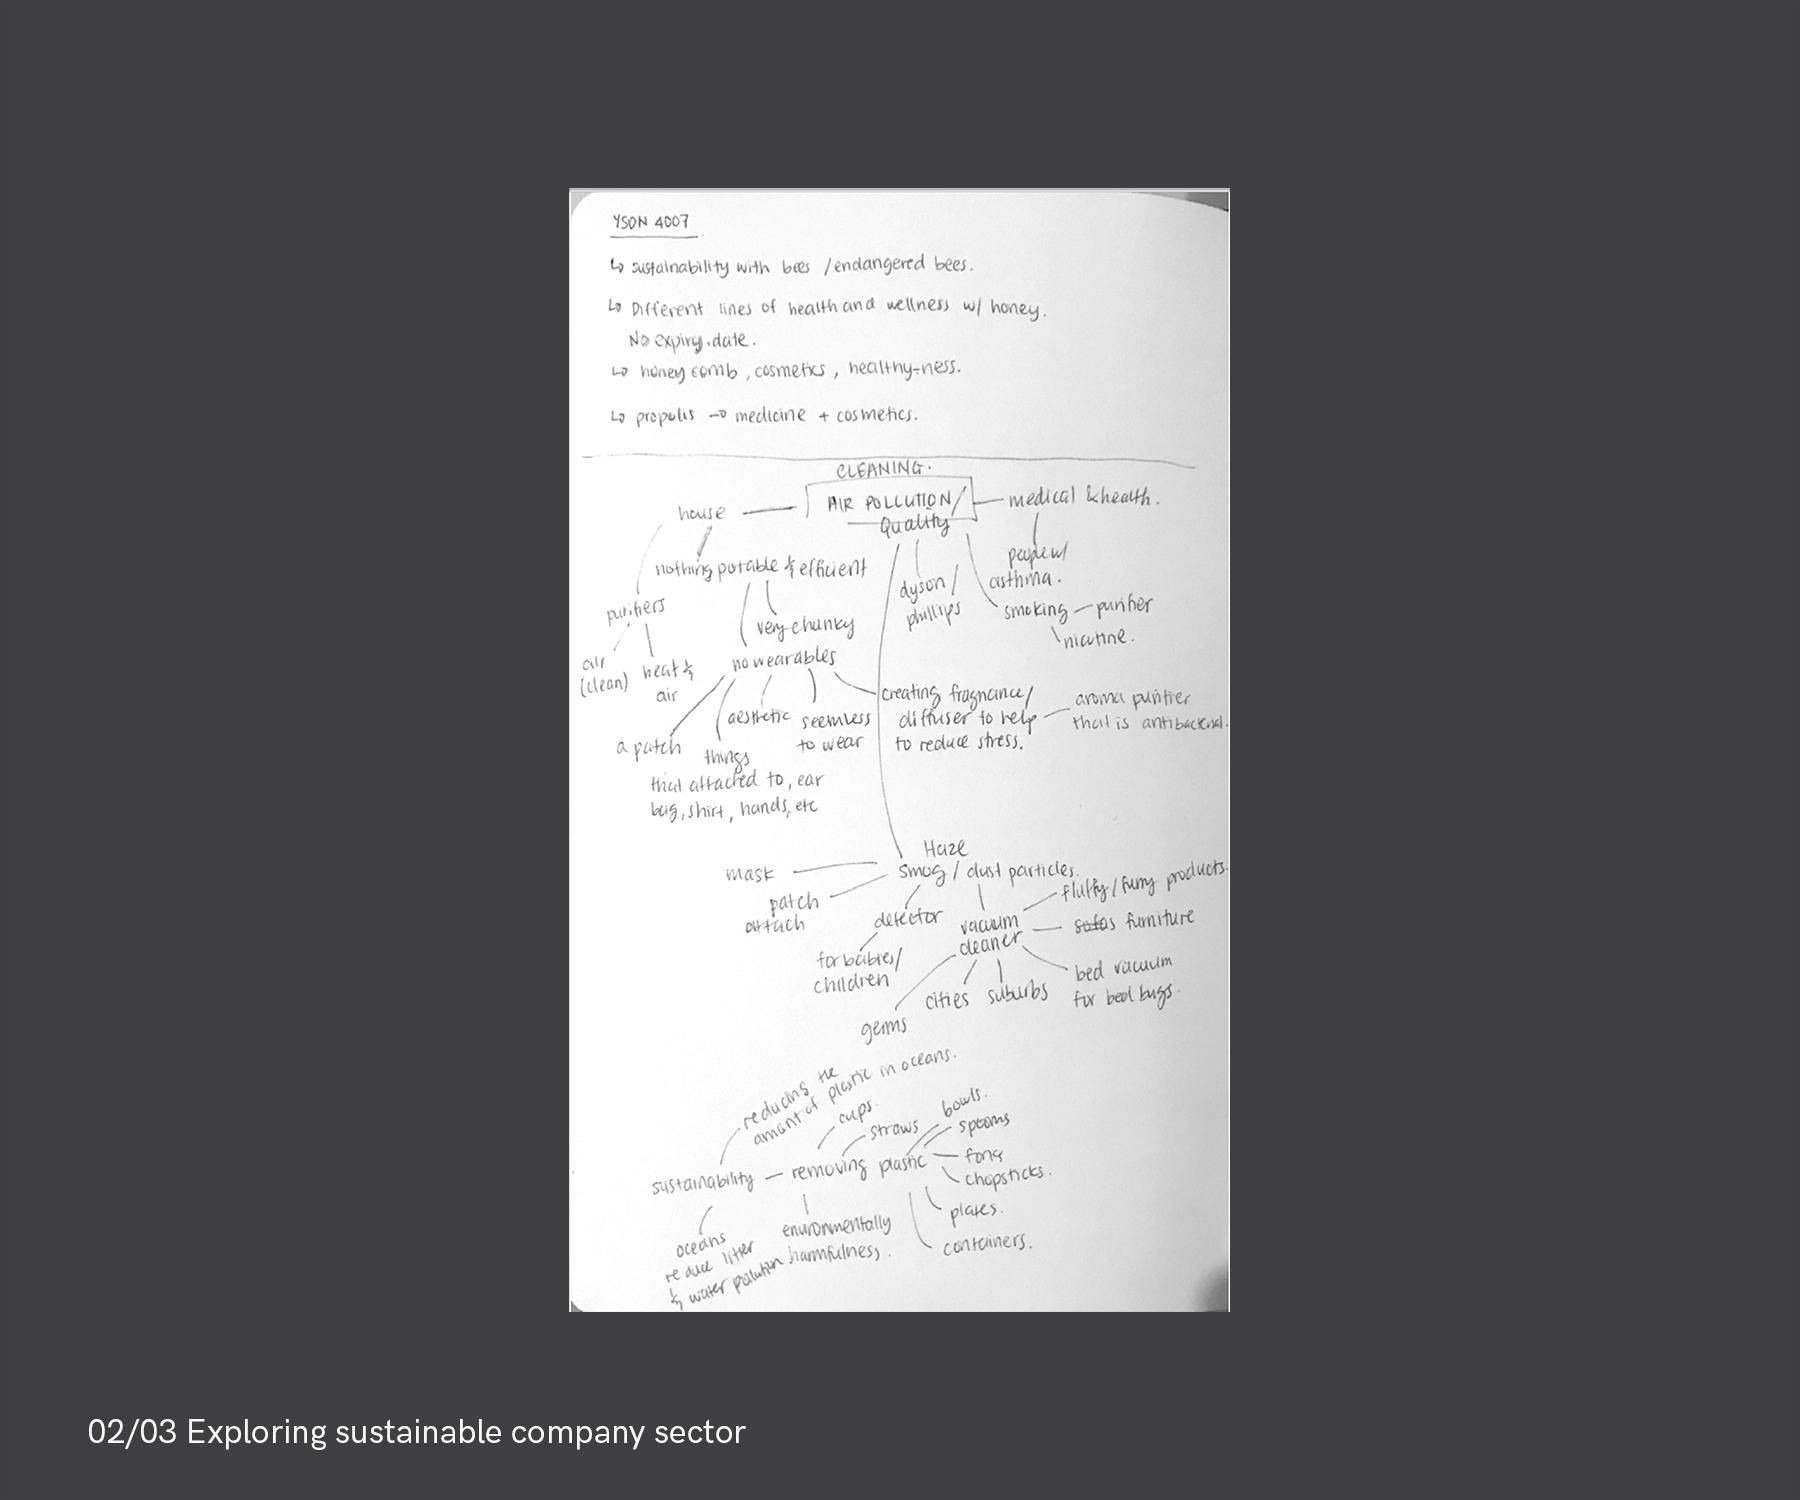 b_process_brainstorm-2.1